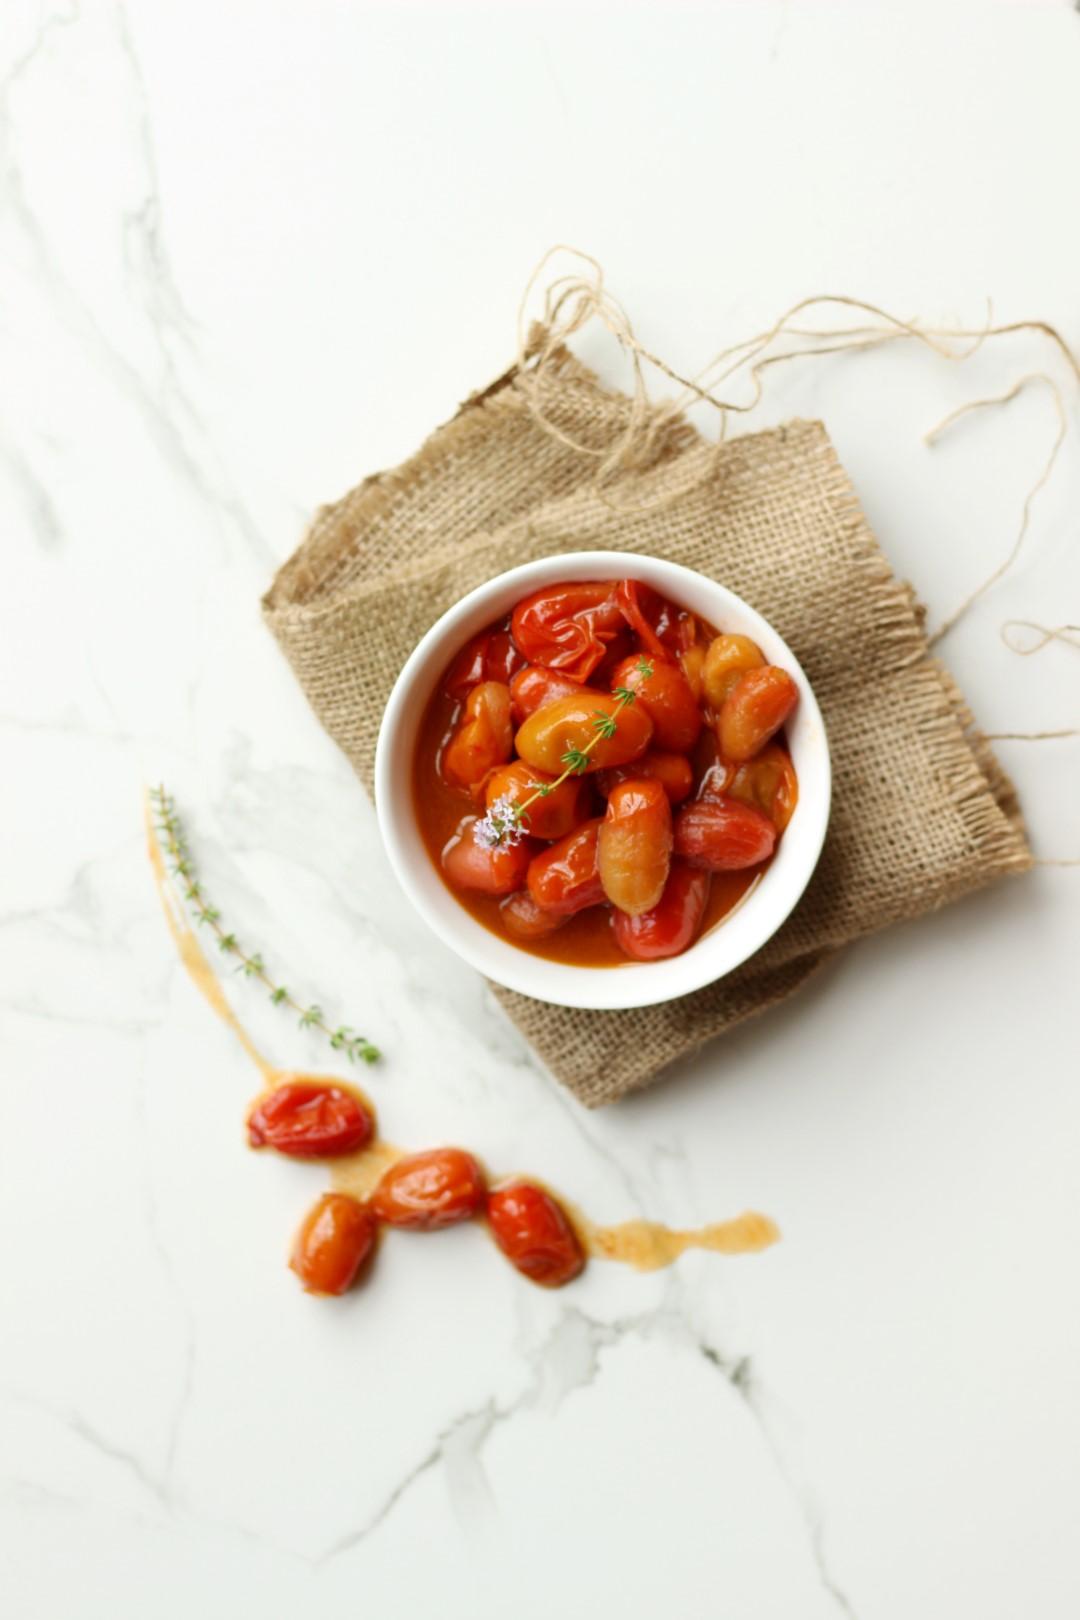 tomates cherry confitados, asado, recetas de cocina, técnicas de cocina, vegetales,